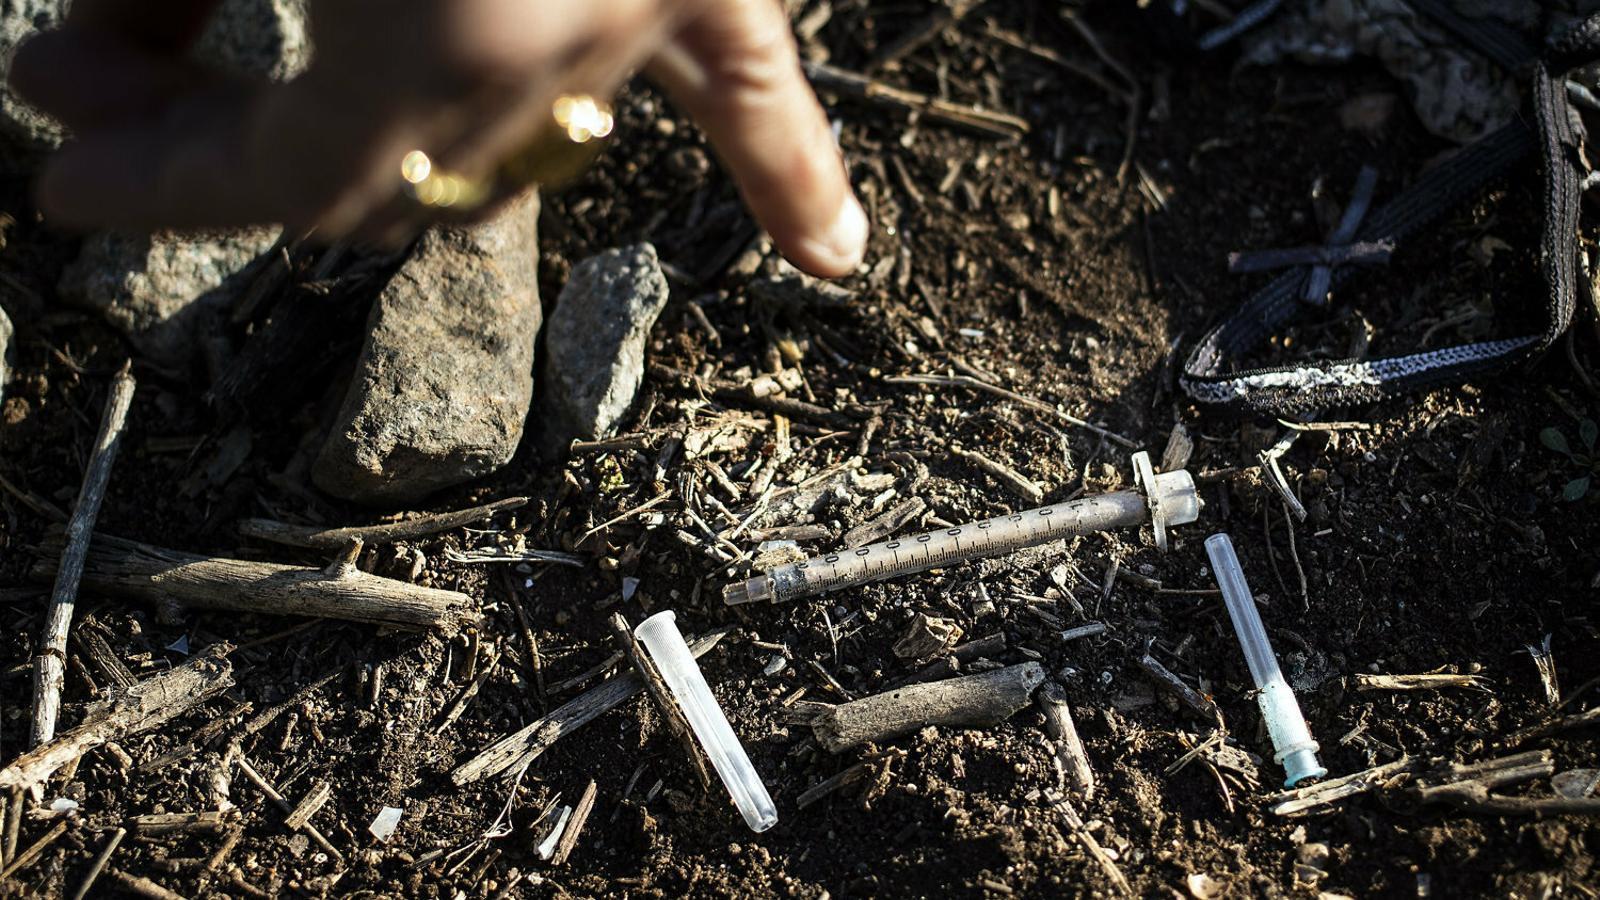 Unes quantes xeringues en una zona pròxima a la Mina on sovint hi van persones drogodependents a punxar-se.